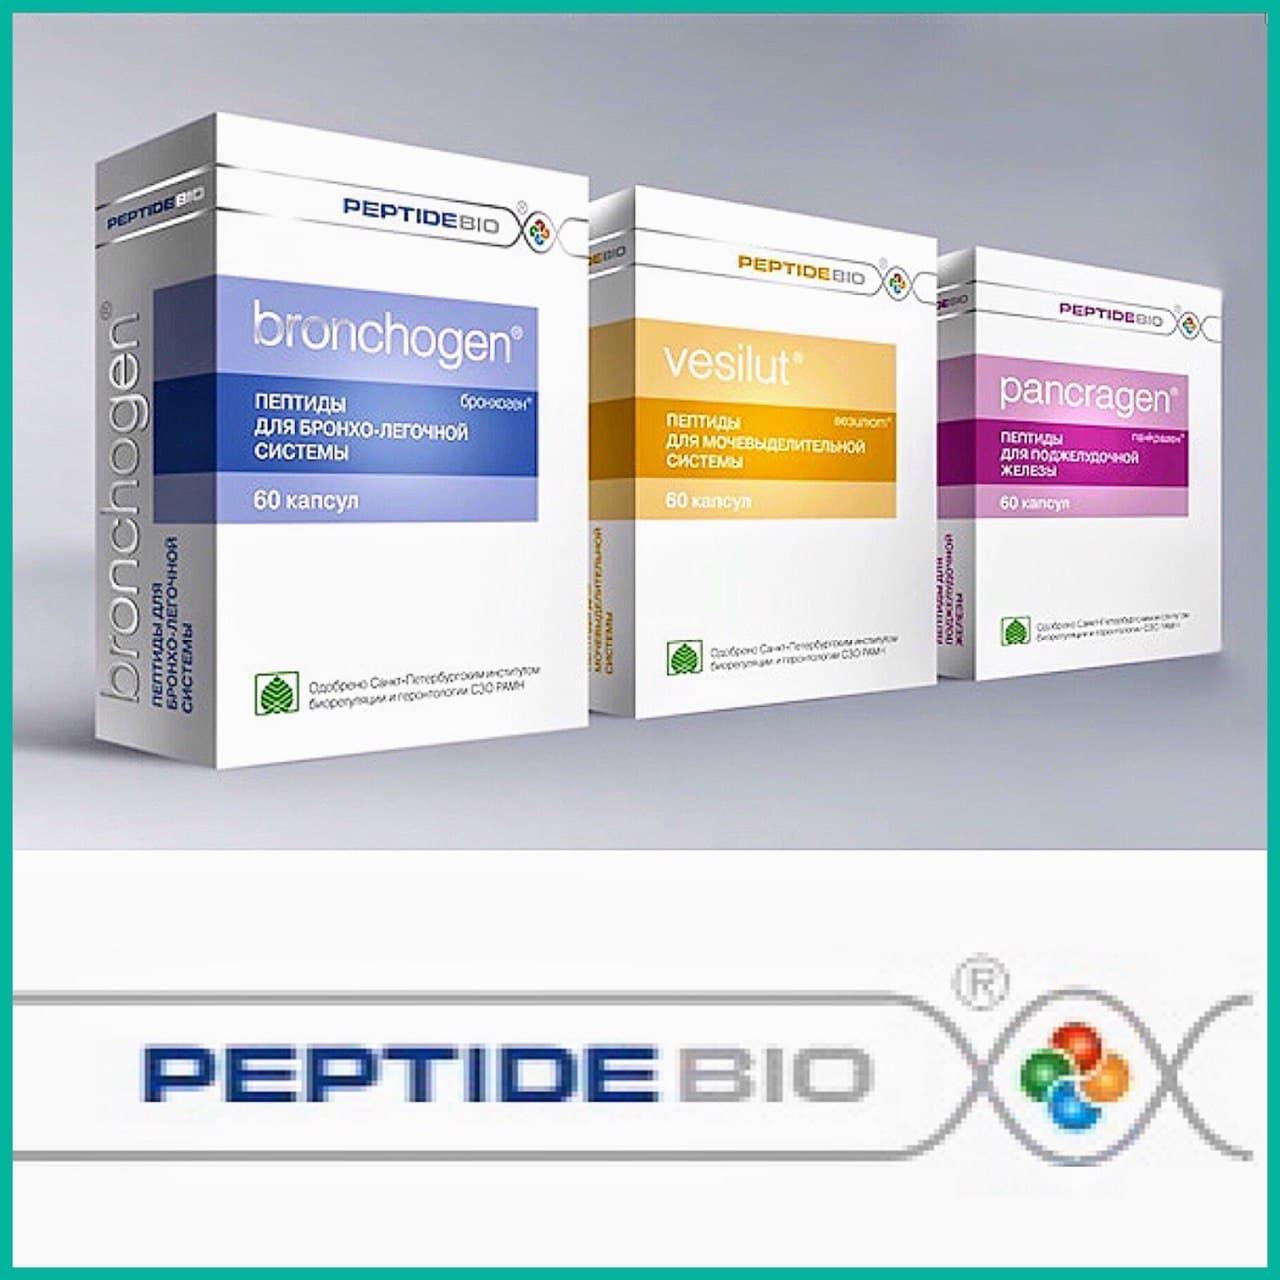 Пептиды Peptide Bio